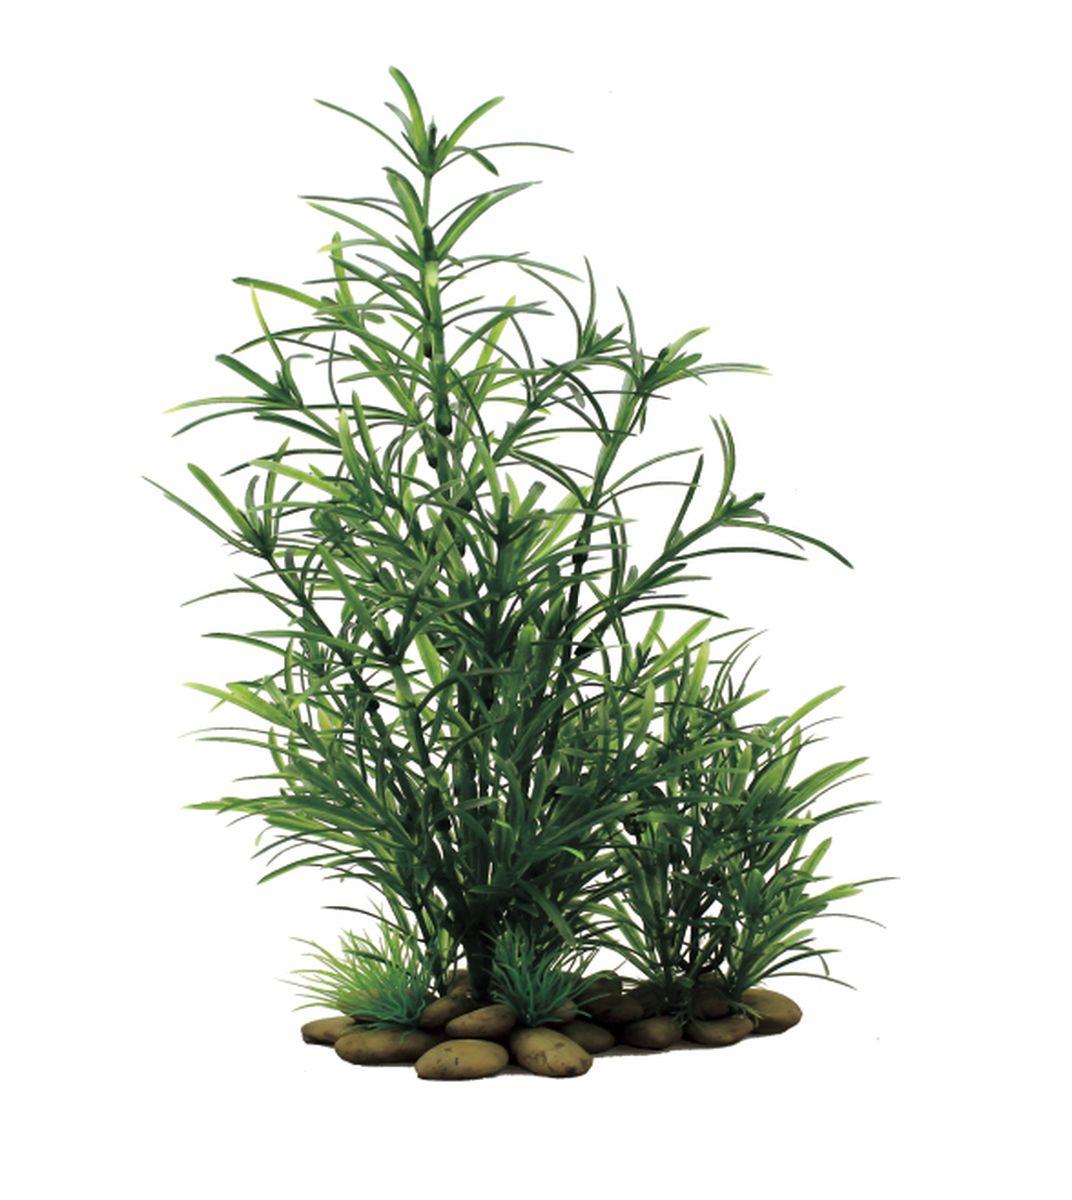 Растение для аквариума ArtUniq Наяда, высота 30 смART-1150205Композиция из искусственных растений ArtUniq превосходно украсит и оживит аквариум.Растения - это важная часть любой композиции, они помогут вдохнуть жизнь в ландшафт любого аквариума или террариума. А их сходствос природными порадует даже самых взыскательных ценителей.